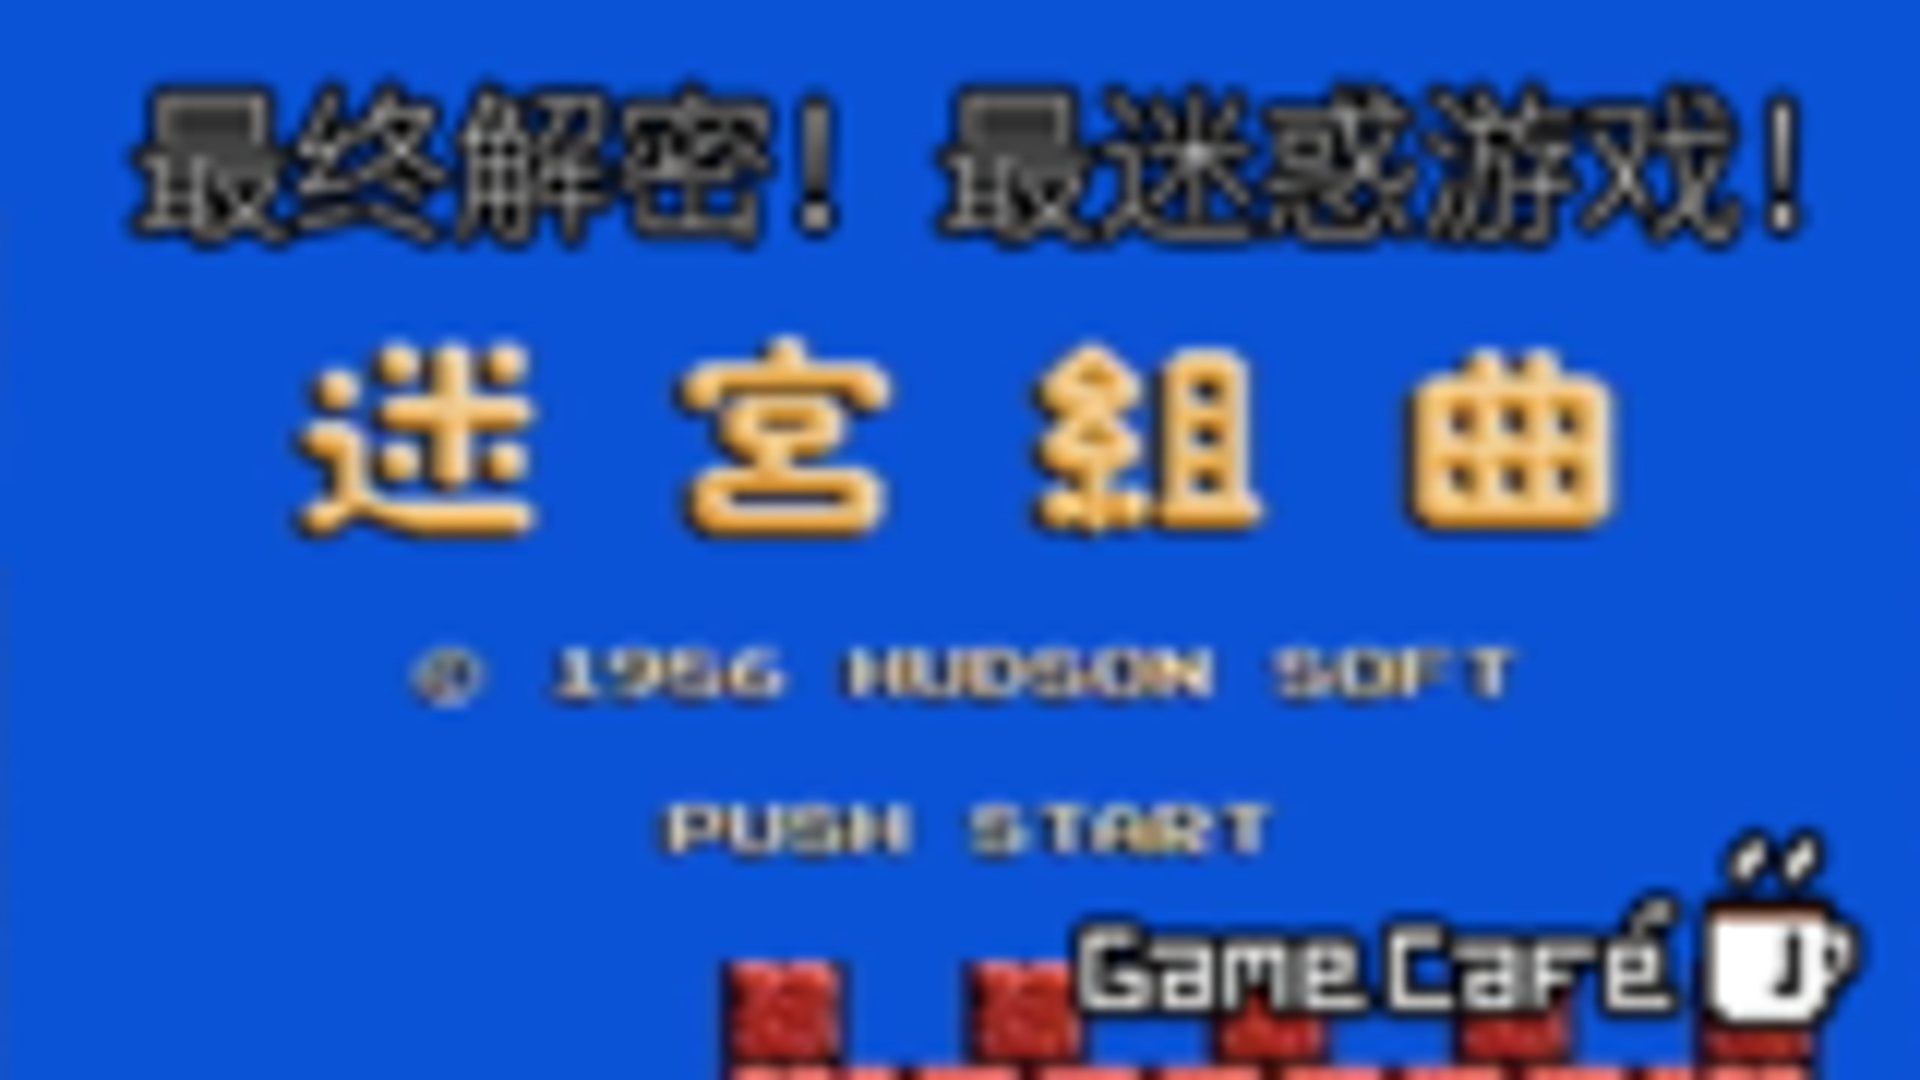 【游戏咖啡馆】红白机上最迷惑的游戏之一,迷宫组曲